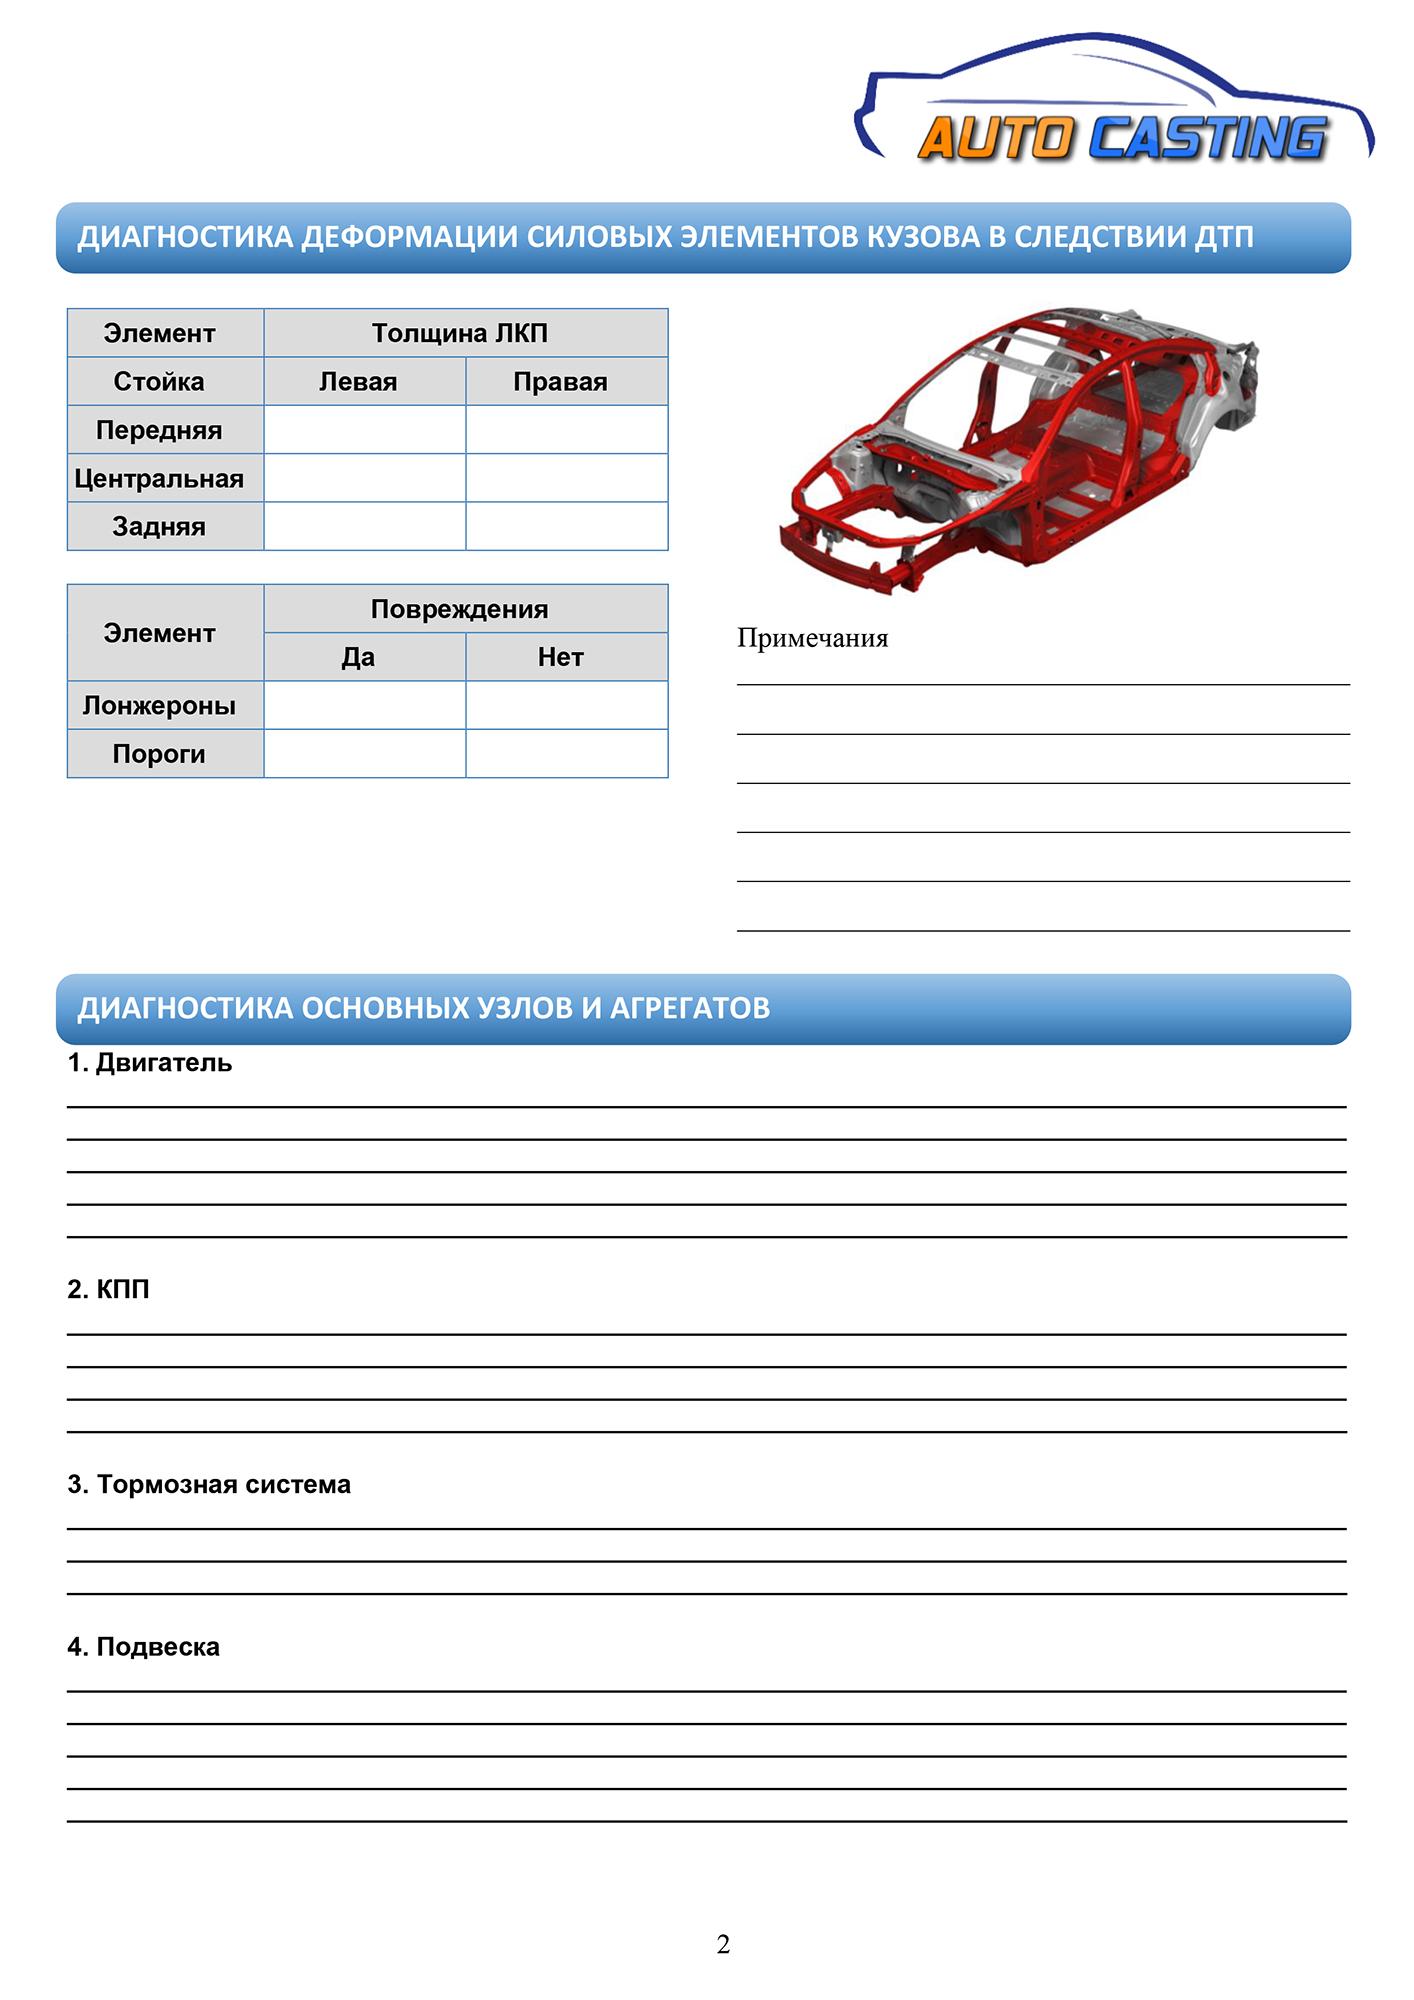 Профессиональный подбор автомобилей в Москве и МО